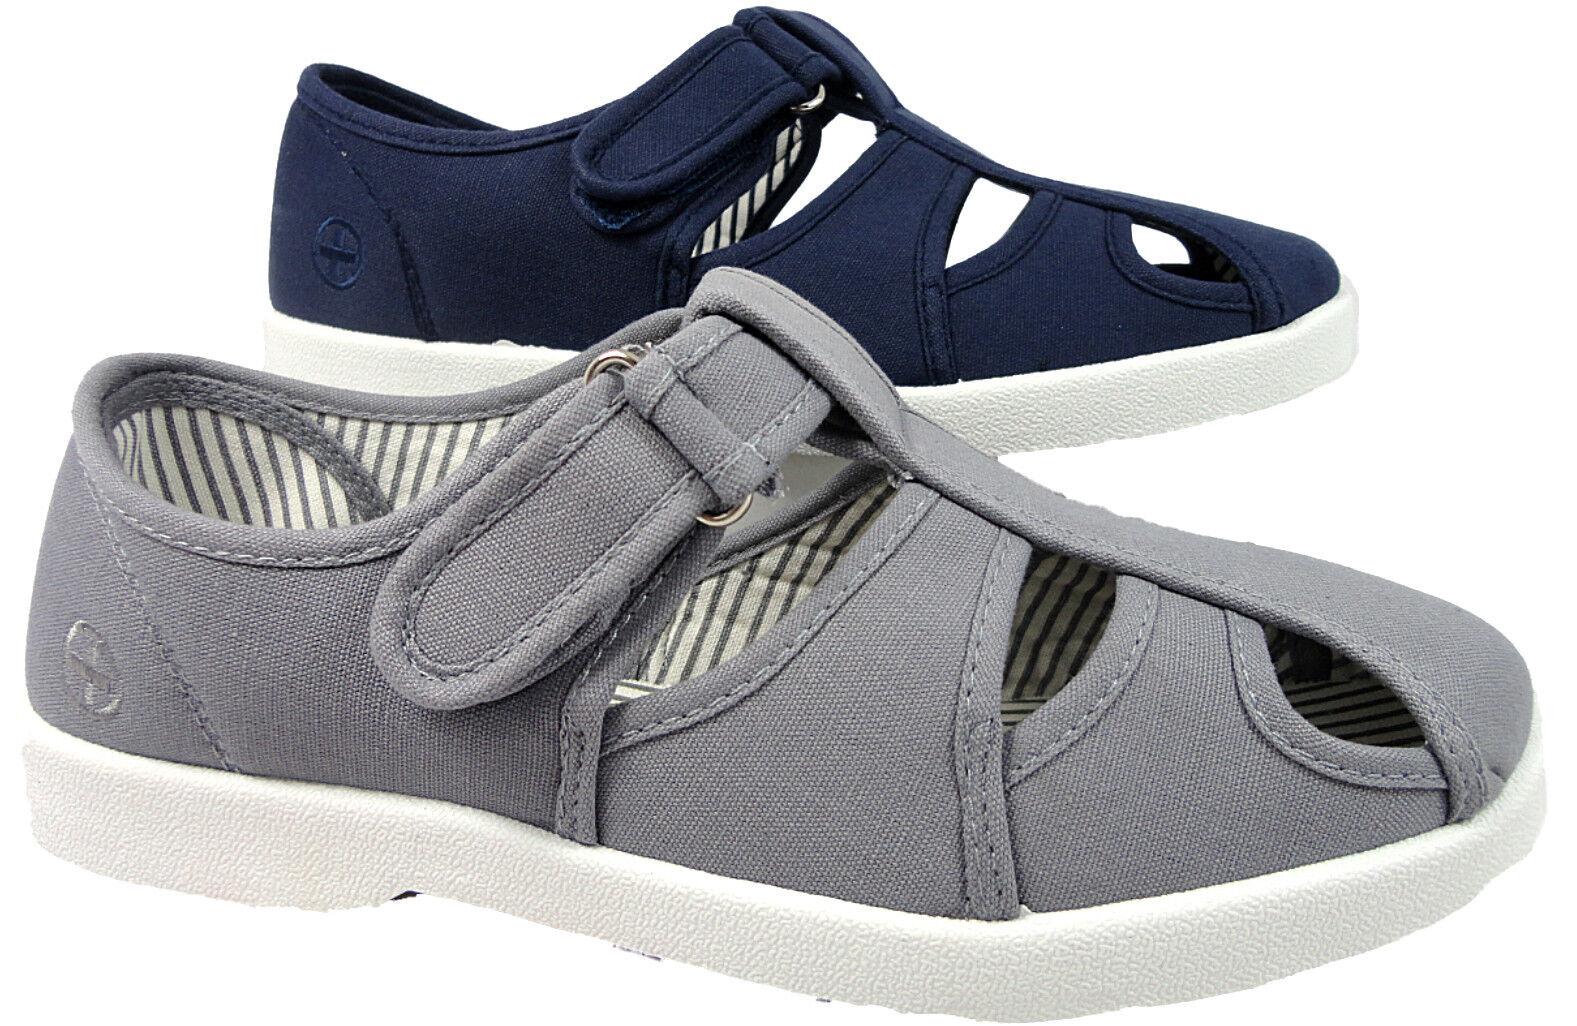 Mens Sandal Dr Keller Casual Canvas Pump Open Sandal Mens Deck Shoes Navy Grey 89882d